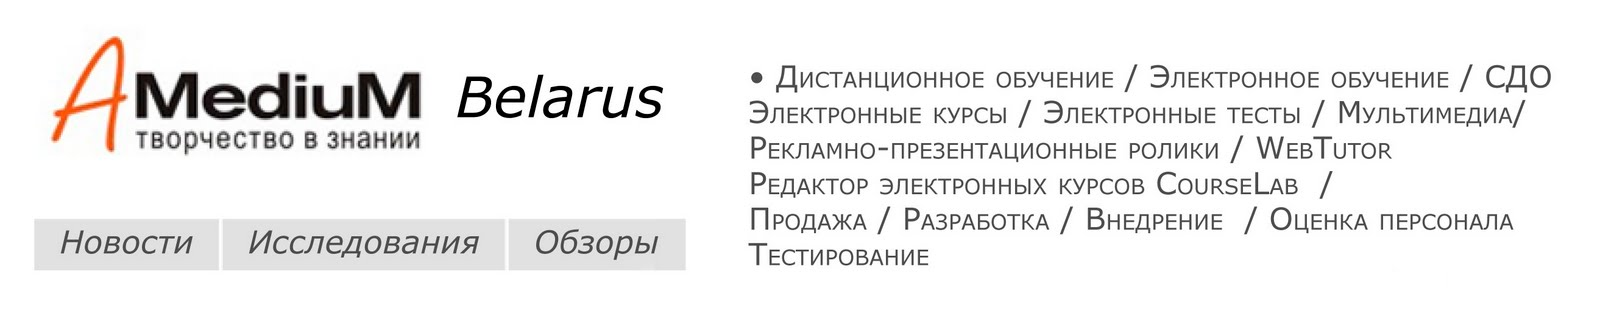 MediuM, Belarus